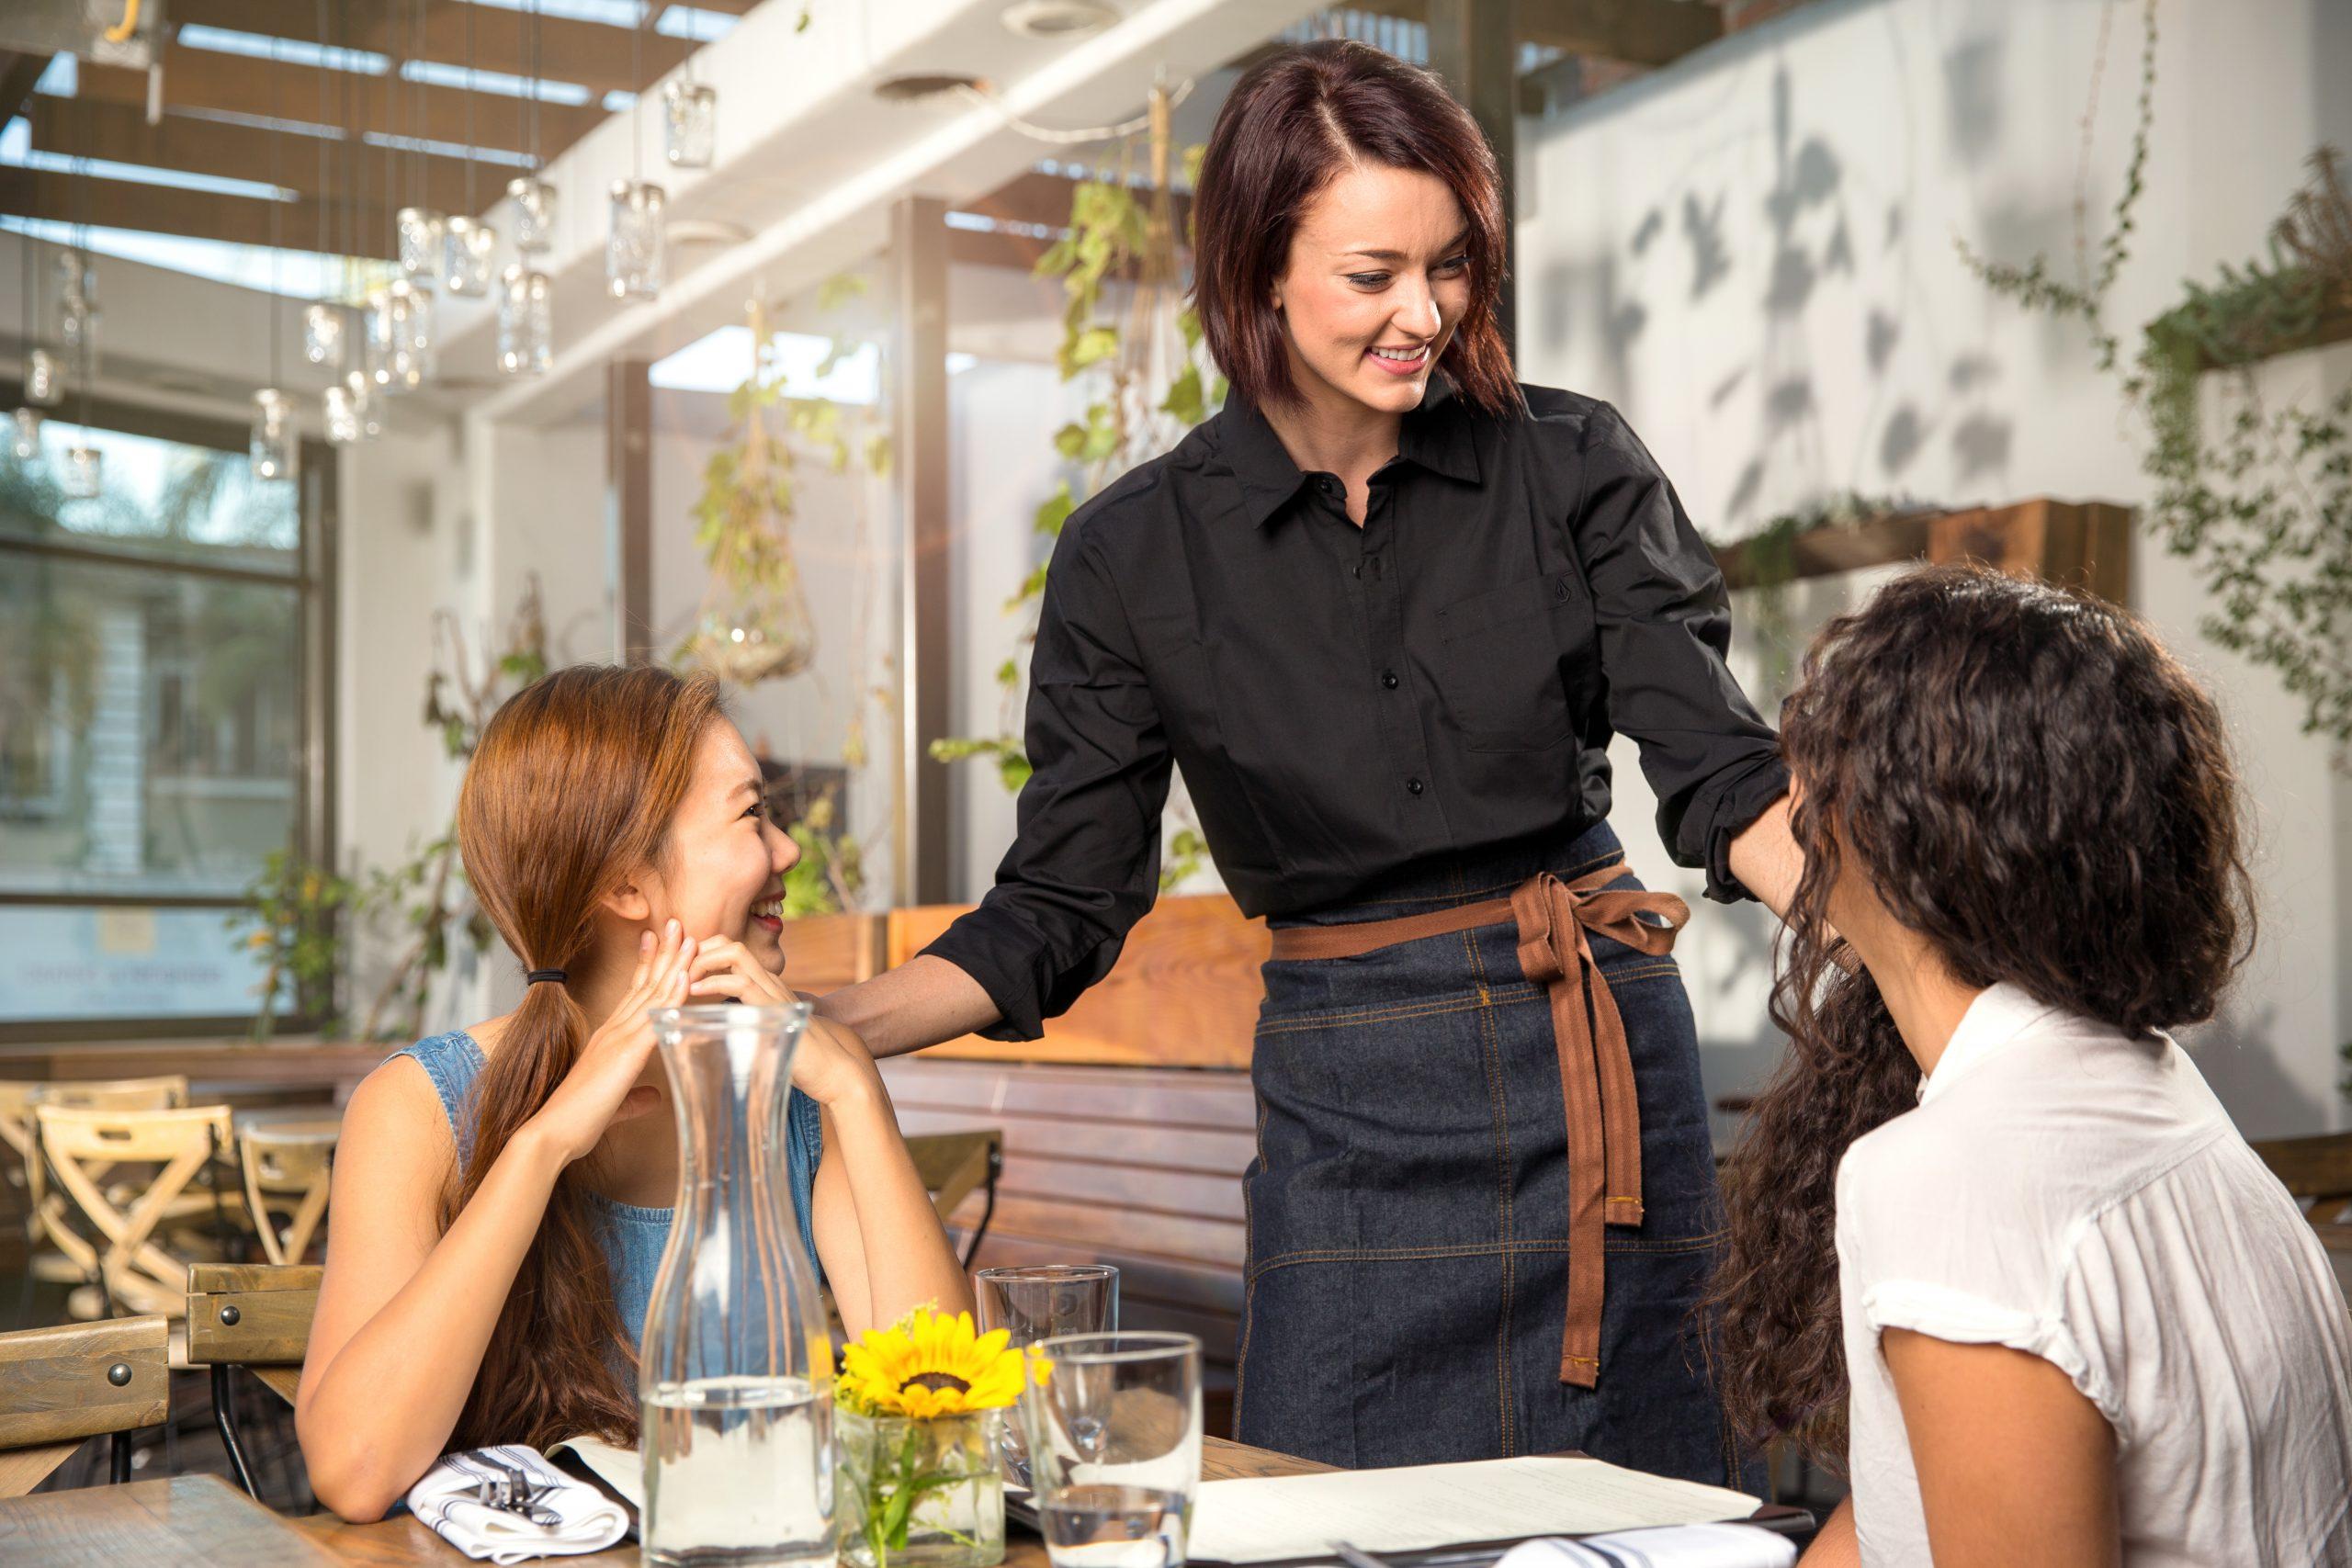 Ouvrir un restaurant, comment établir sa propre publicité sur le lieu de vente de son restaurant ?